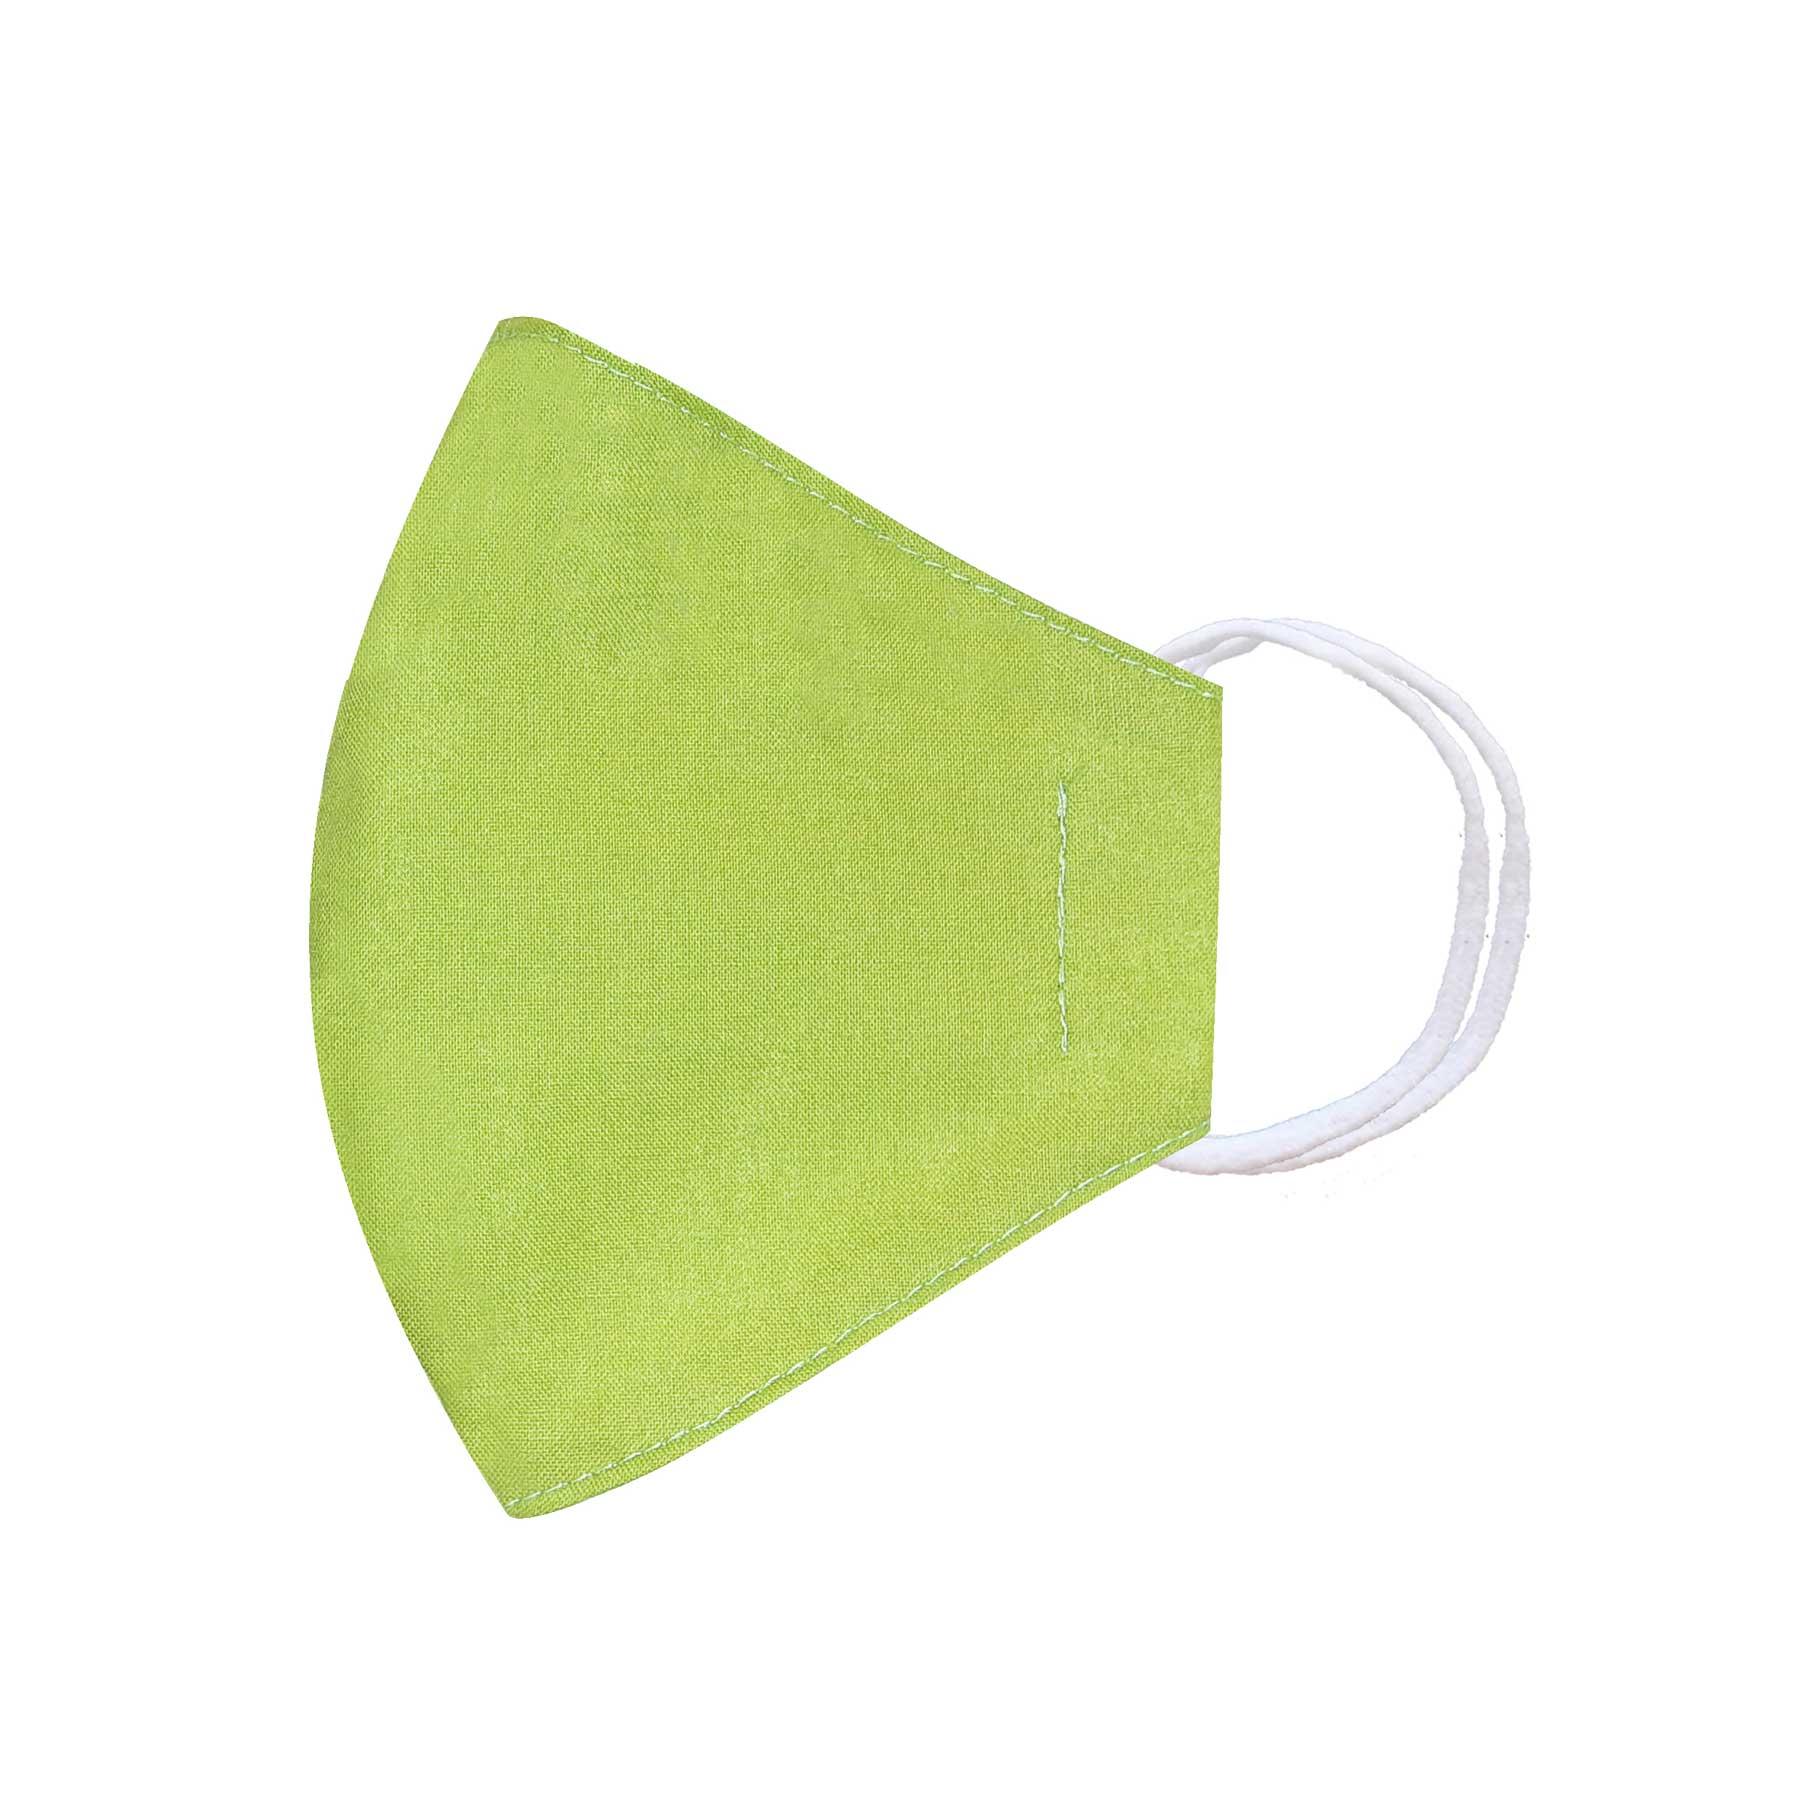 Módní bavlněné ústní roušky tvarované žlutozelené, třívrstvé s filtrem žluto zelené s gumičkami dětské